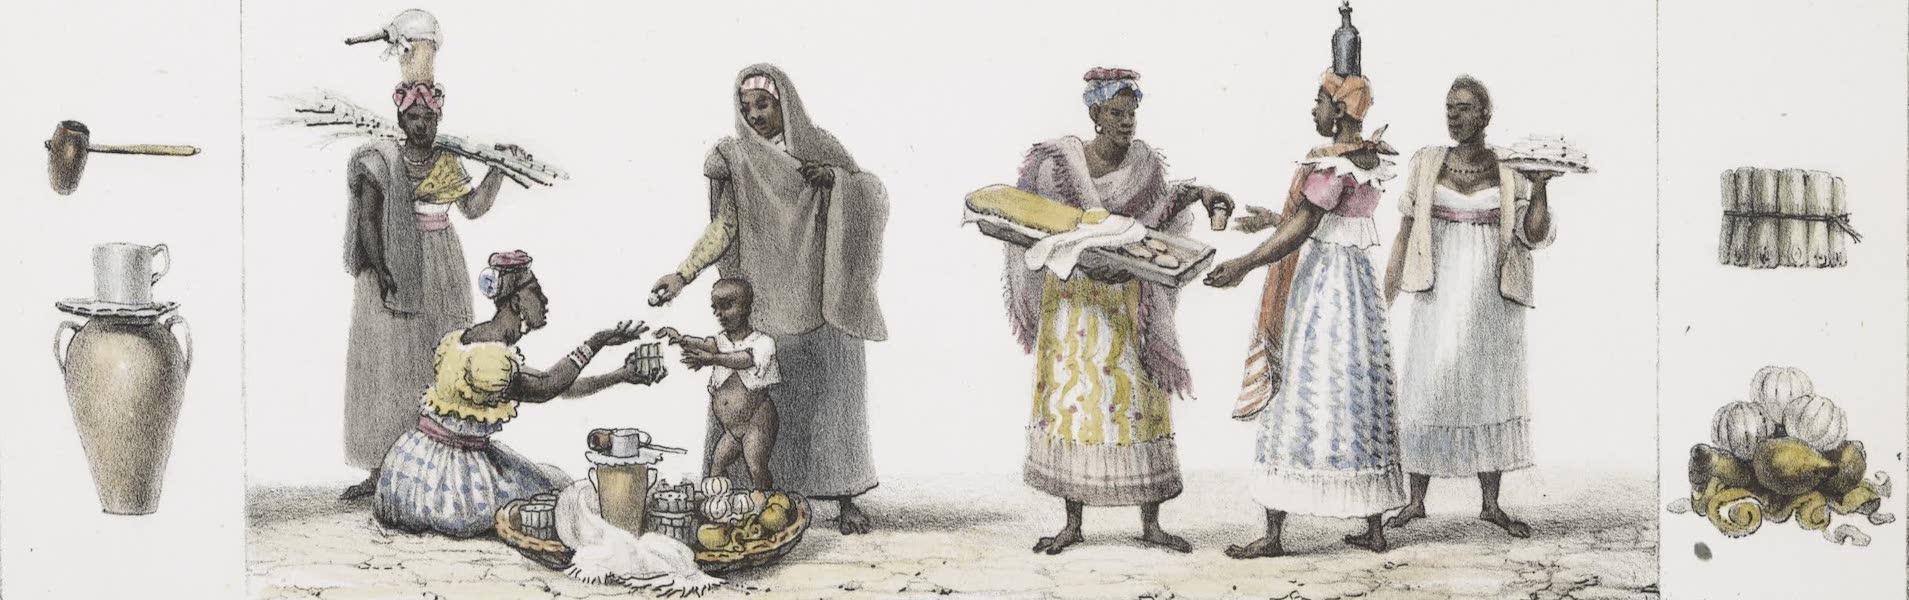 Voyage Pittoresque et Historique au Bresil Vol. 2 - Negresses Marchandes, de Sonos, Manoe, Aloa (1835)